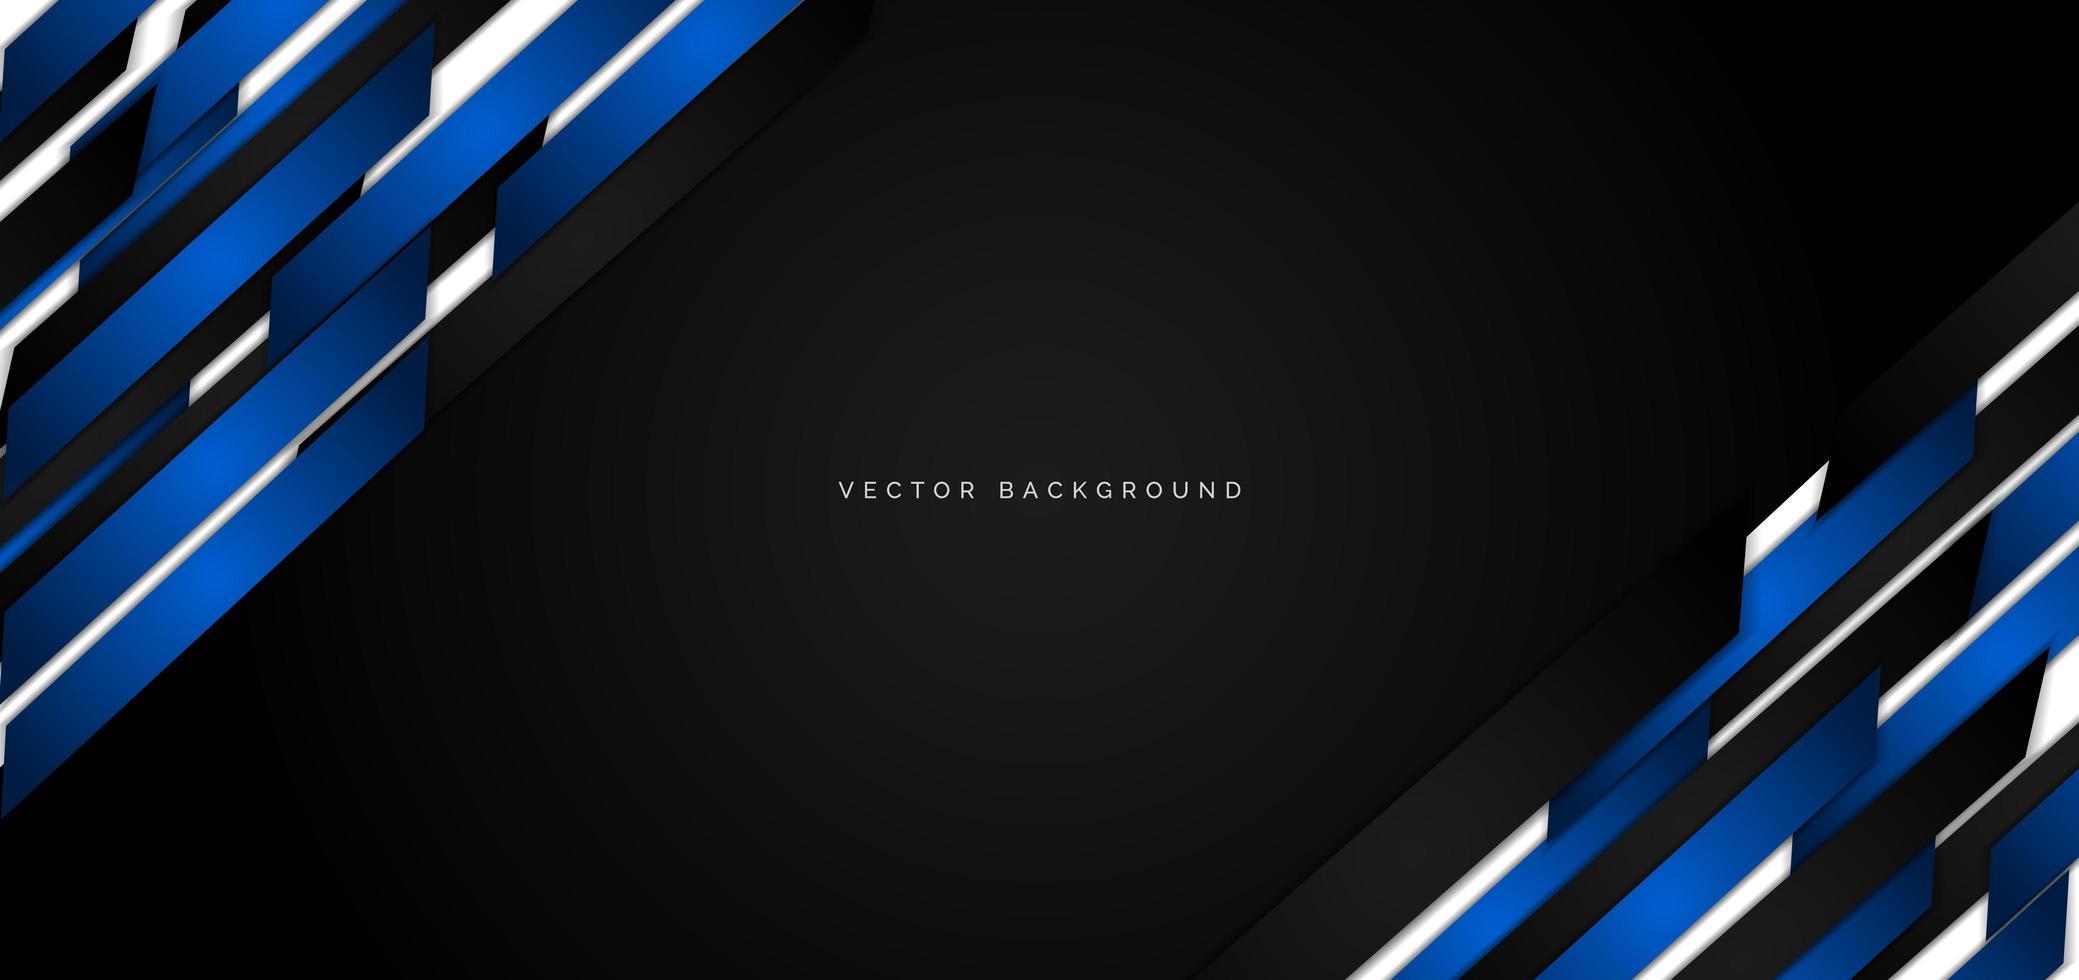 abstrakt företags banner webbdesign vektor